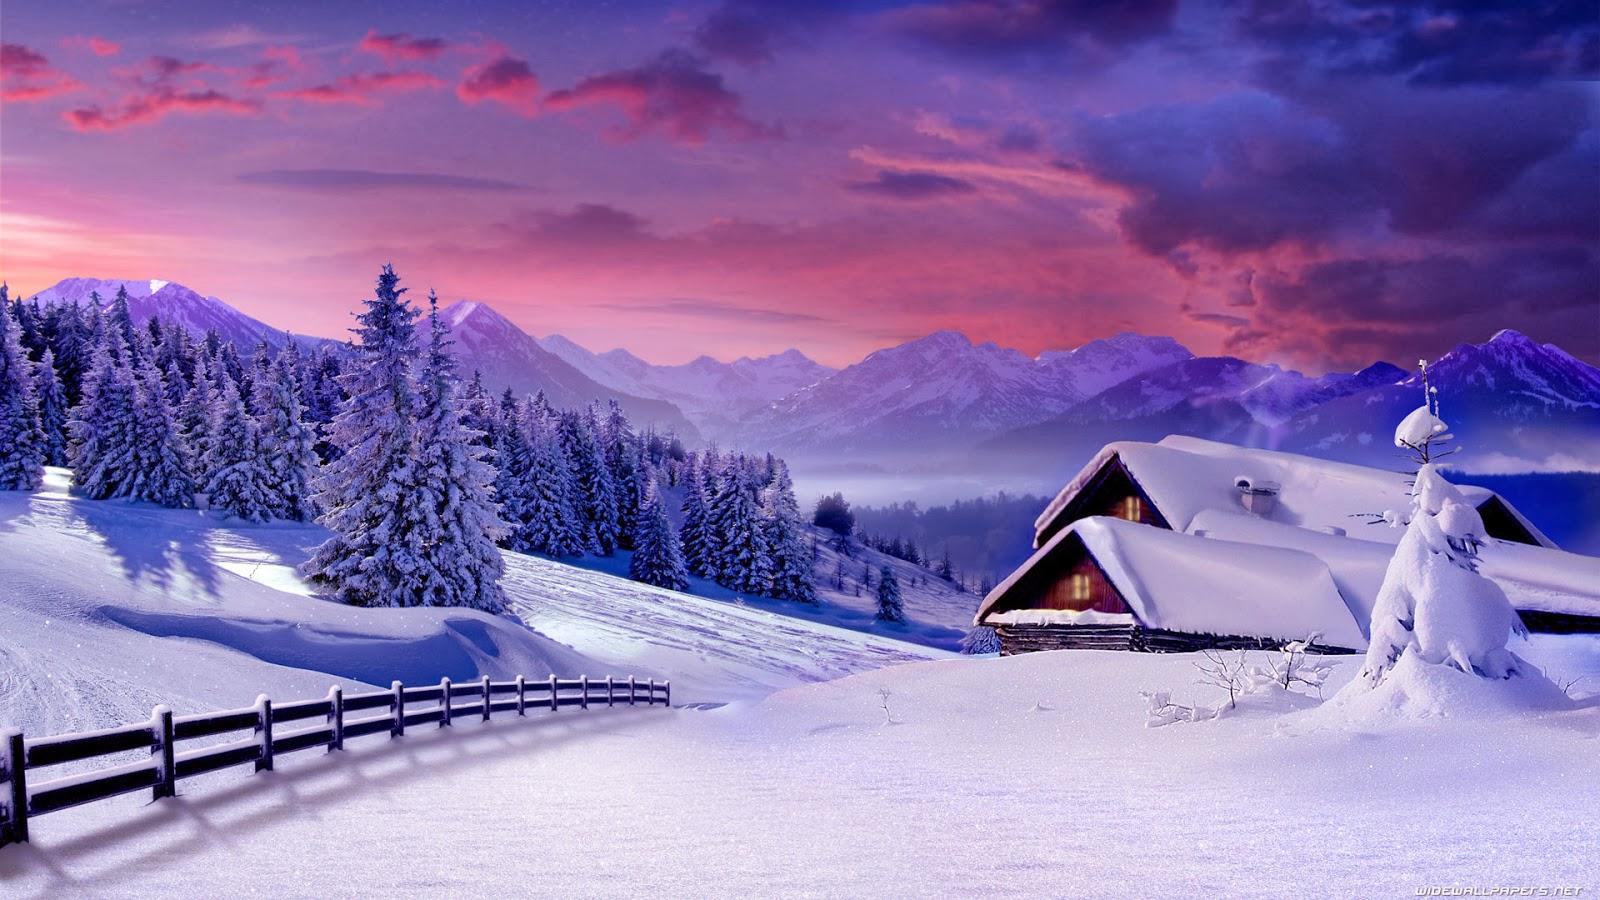 Winter Animal Scenes Wallpaper - WallpaperSafari